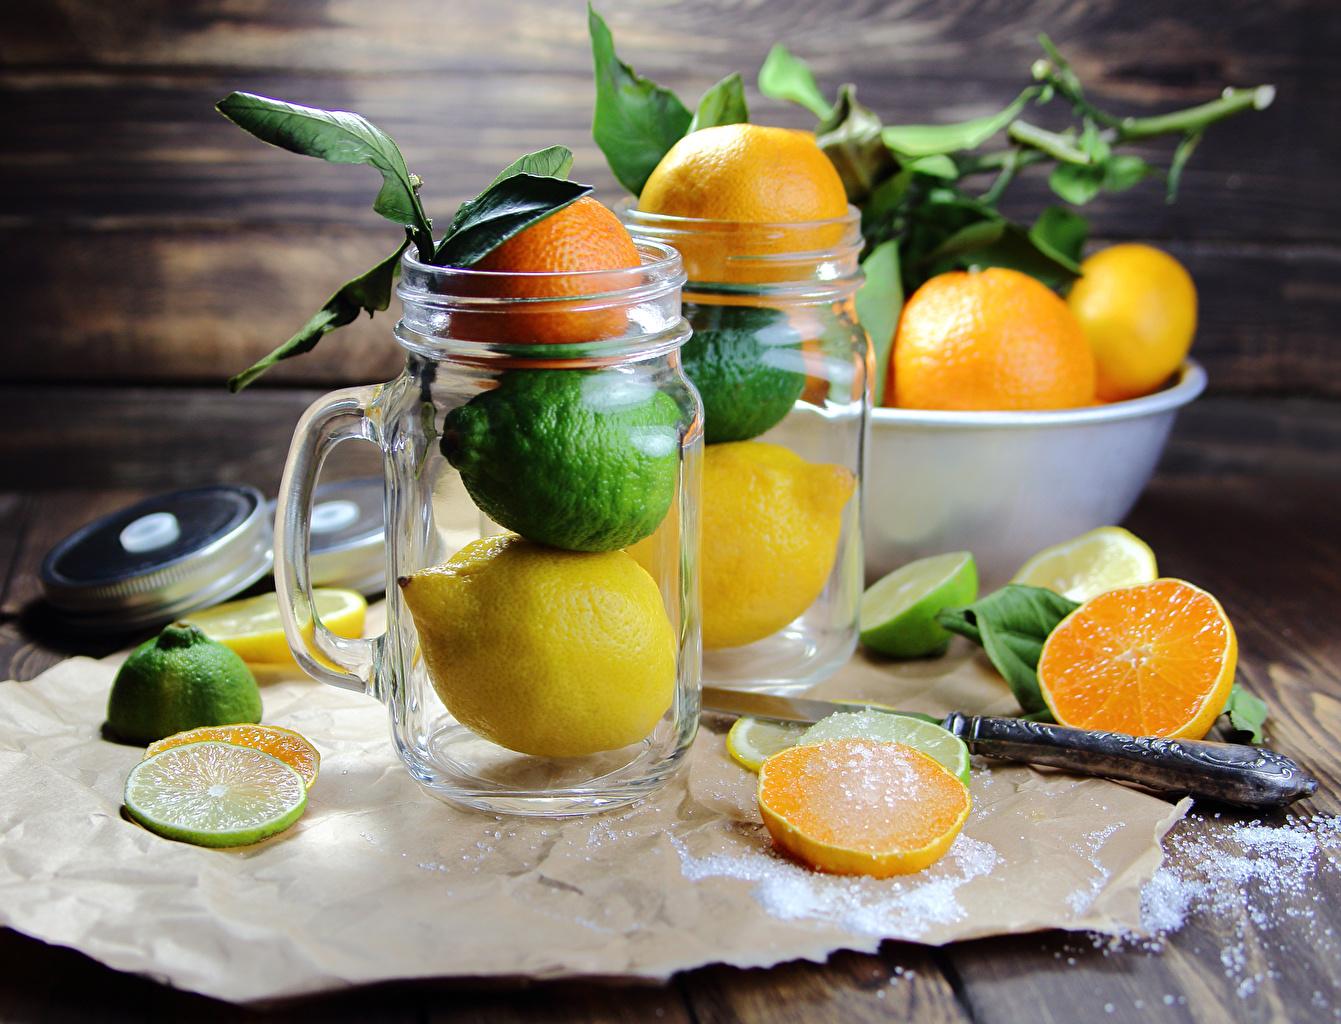 Картинки Лайм Апельсин Мандарины банке Лимоны кружке Продукты питания Цитрусовые Доски банки Банка Еда Пища Кружка кружки